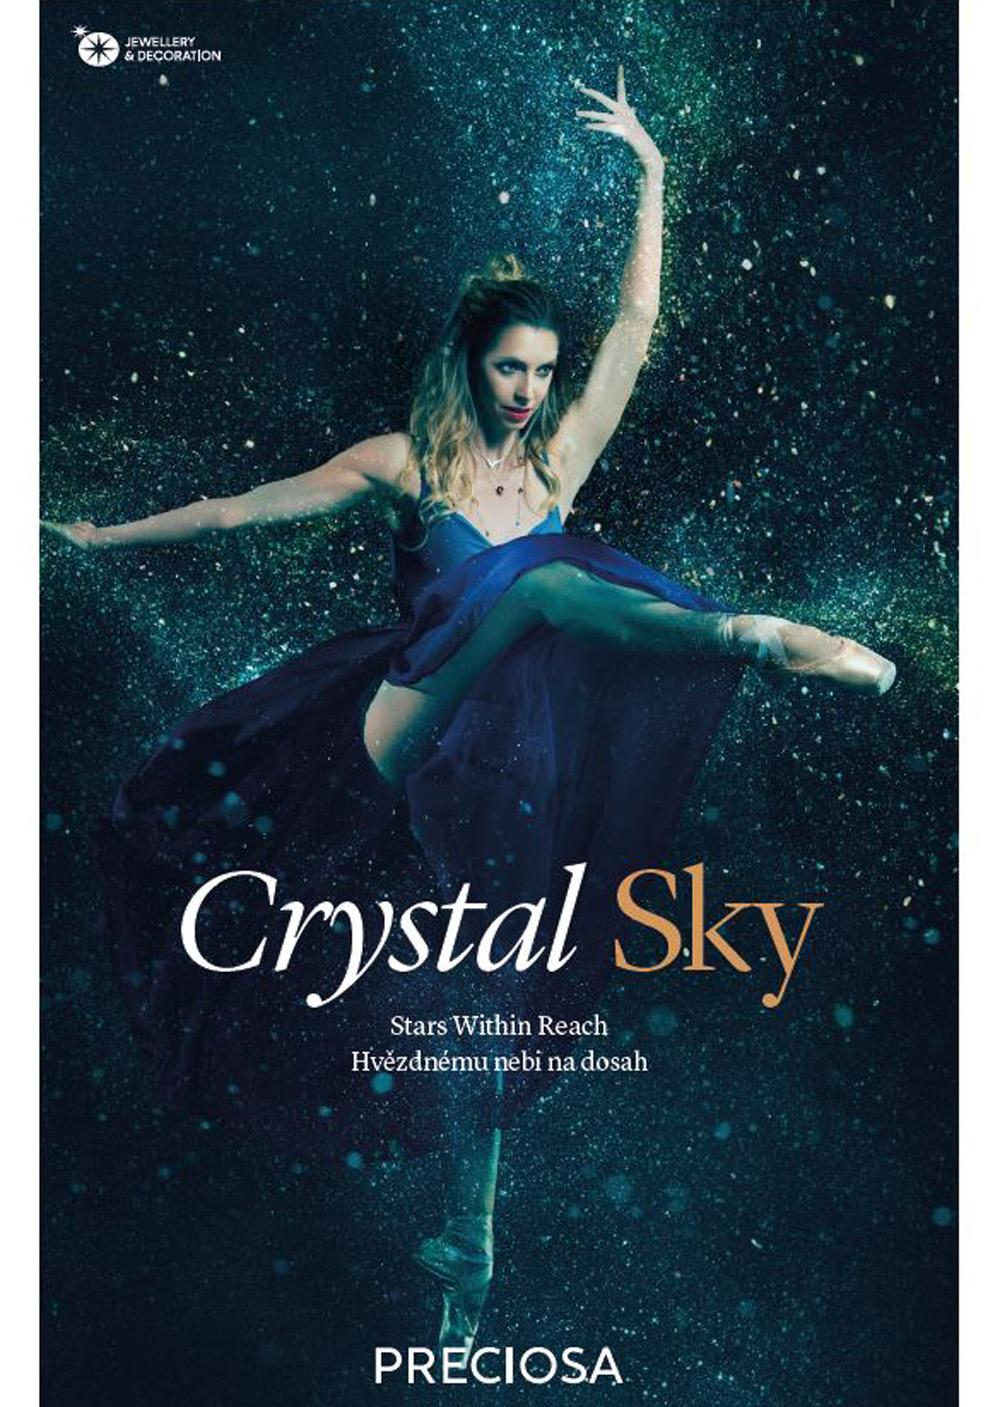 Preciosa Crystal Sky